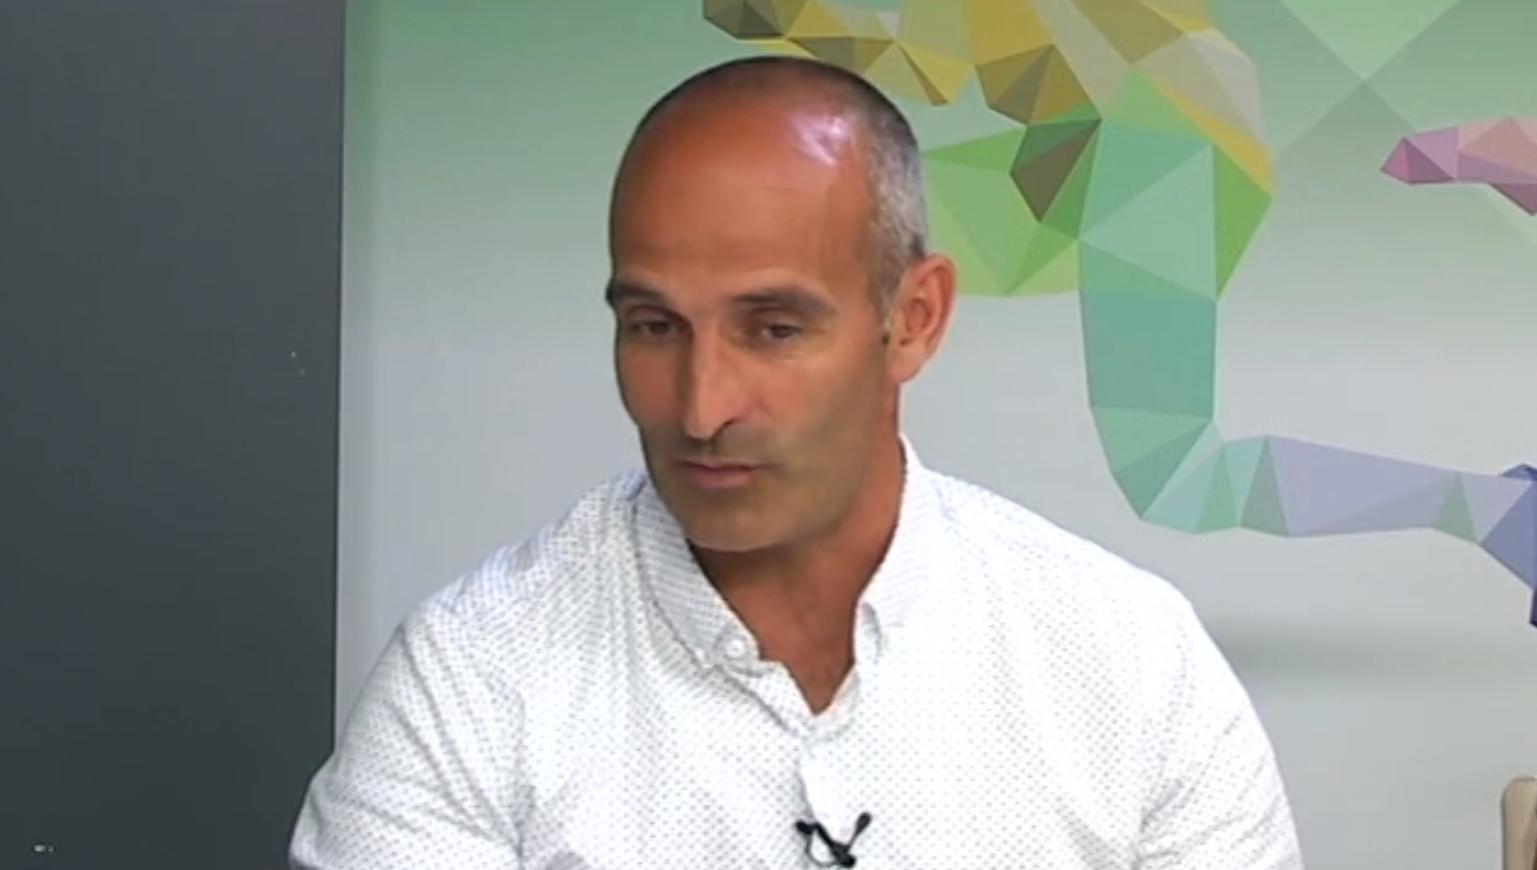 Pau Cecília és entrevistat a 'Tot l'Esport', a la televisió local 'xip/tv'